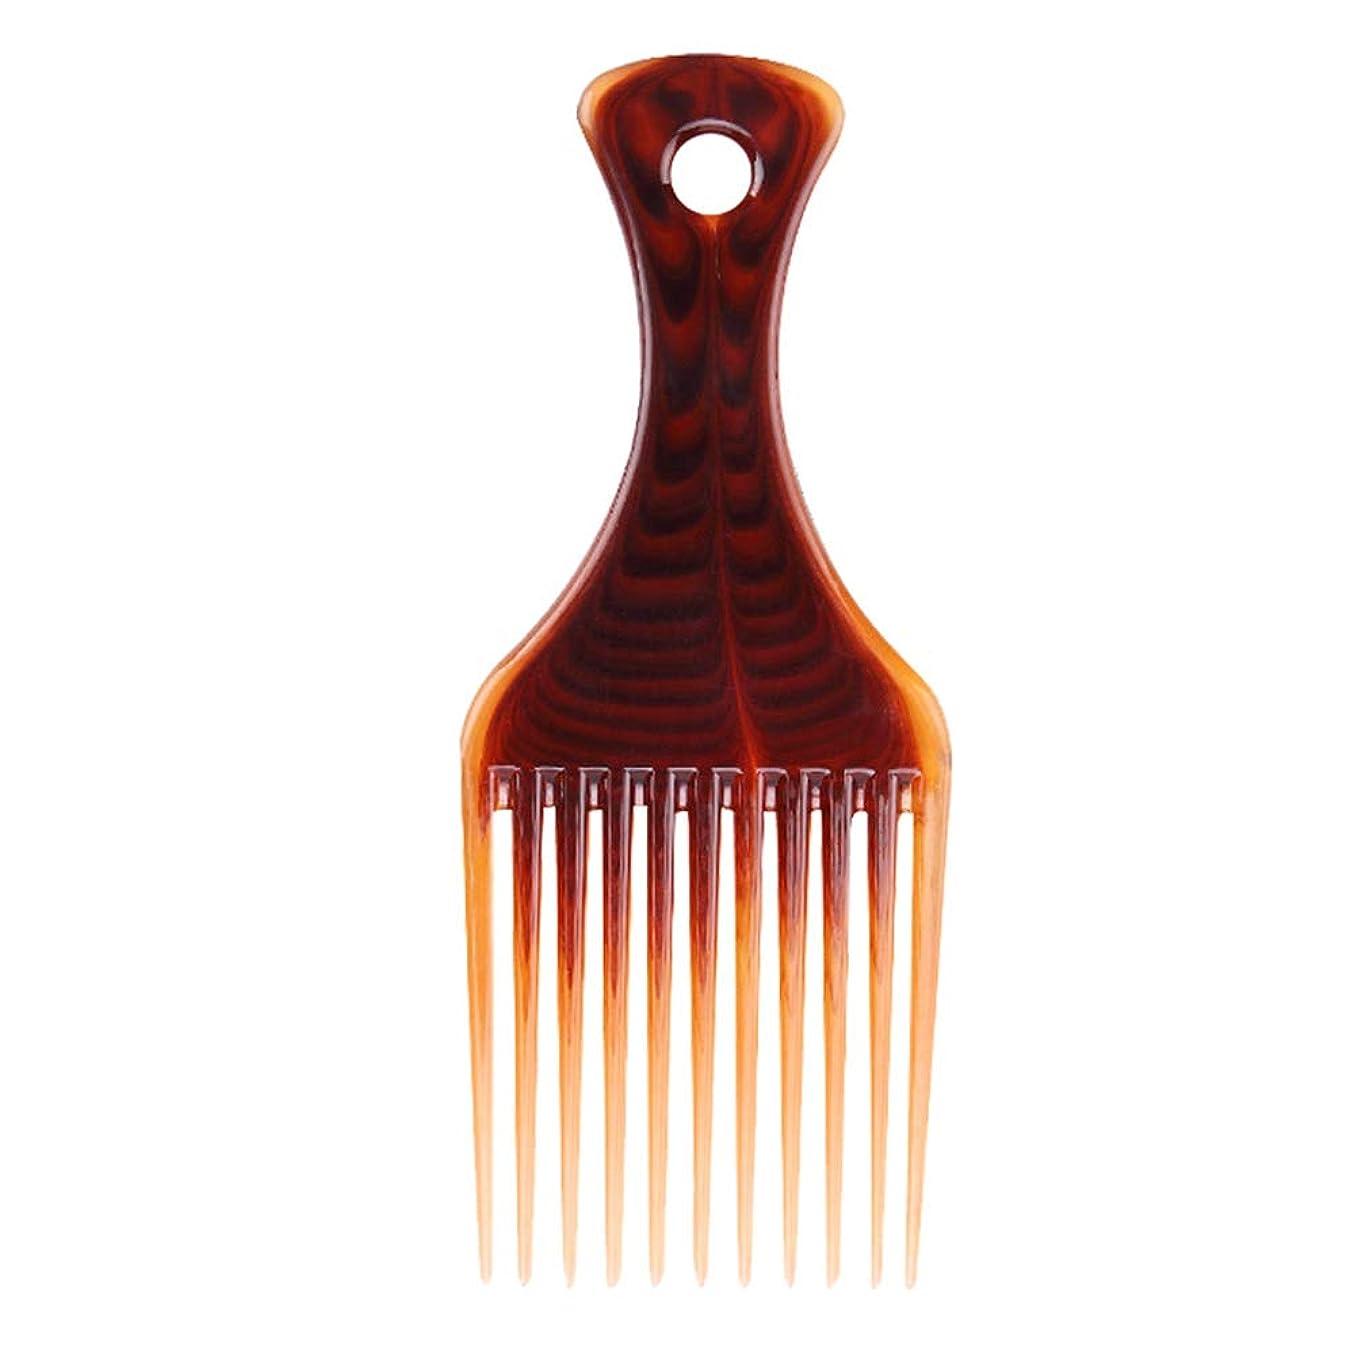 満州診断するセットアップHEALIFTY プラスチック広い歯の櫛サロンブラシスタイリング理髪髪フォークピッキング櫛